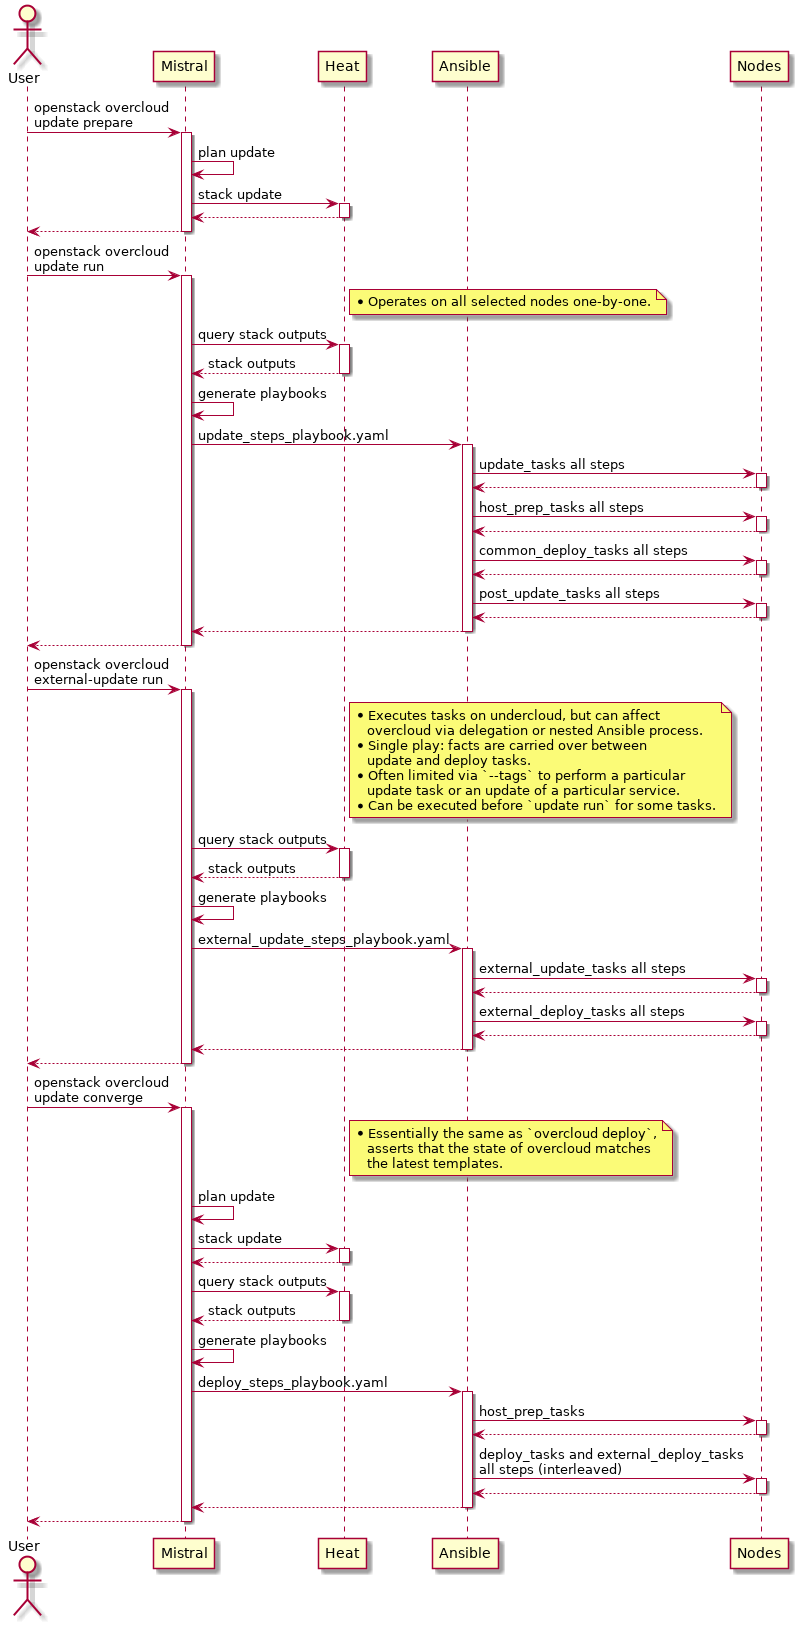 OpenStack Docs: Minor version update